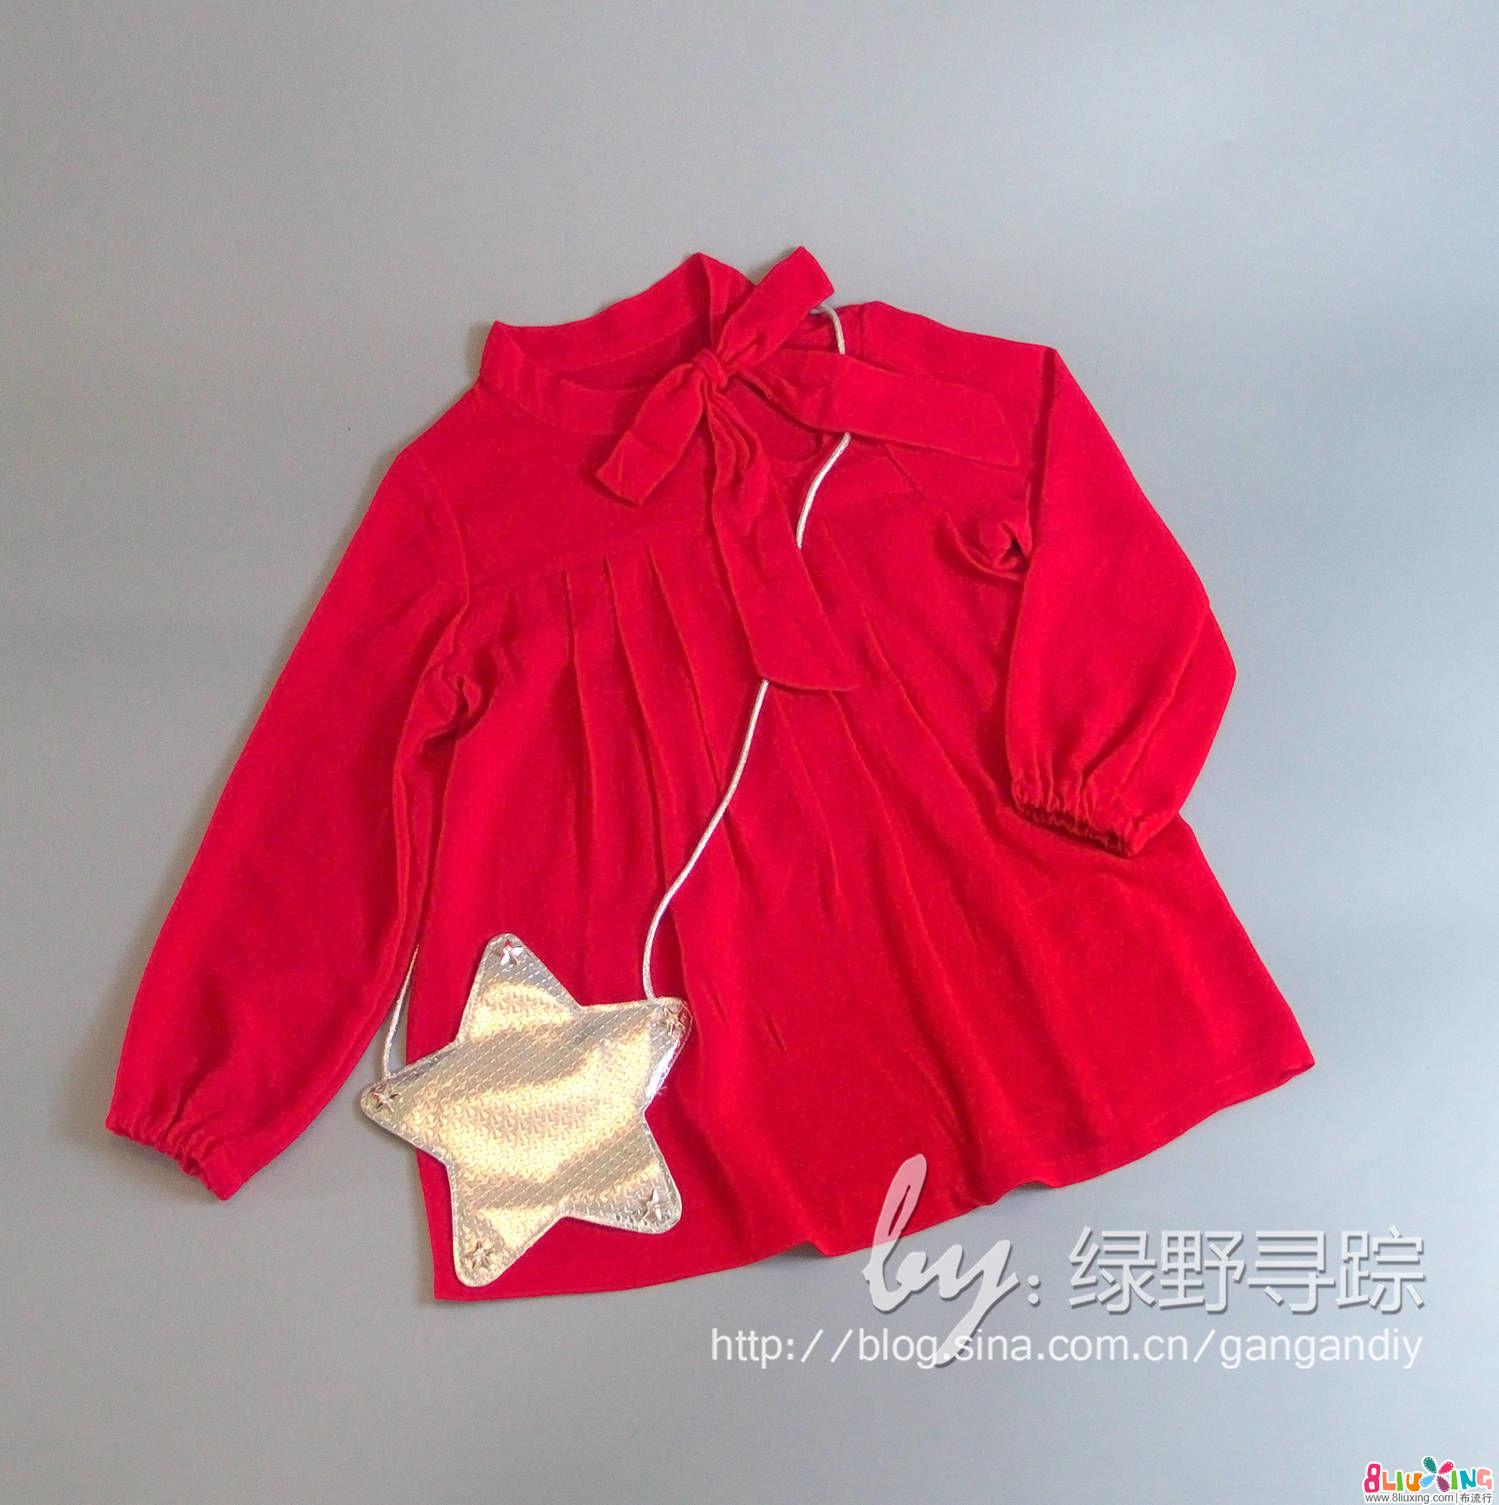 大红棉麻蝴蝶结领娃娃衫 附上领子的方法